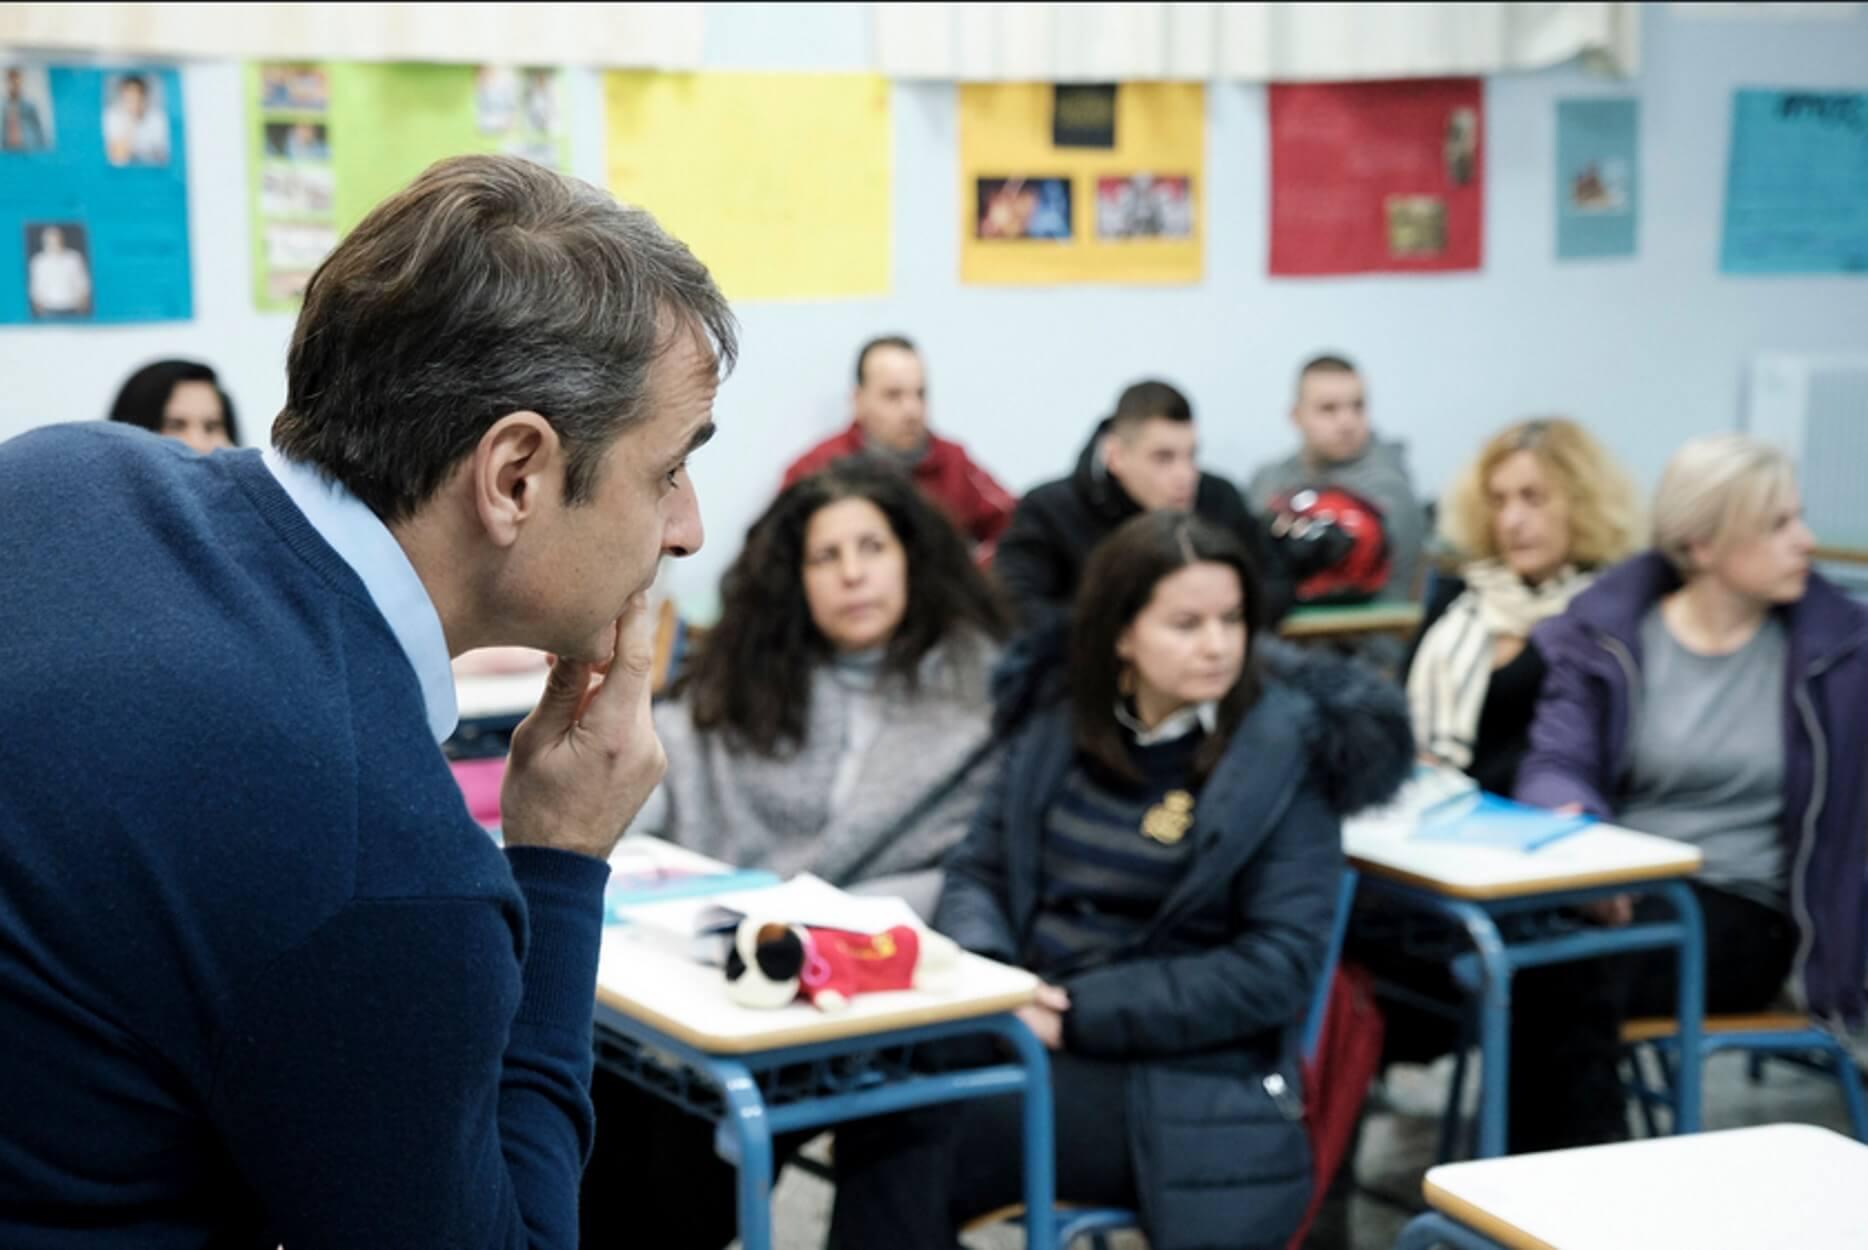 Μητσοτάκης: Ξαφνική επίσκεψη στο νυχτερινό σχολείο του Αιγάλεω! [pics, video]